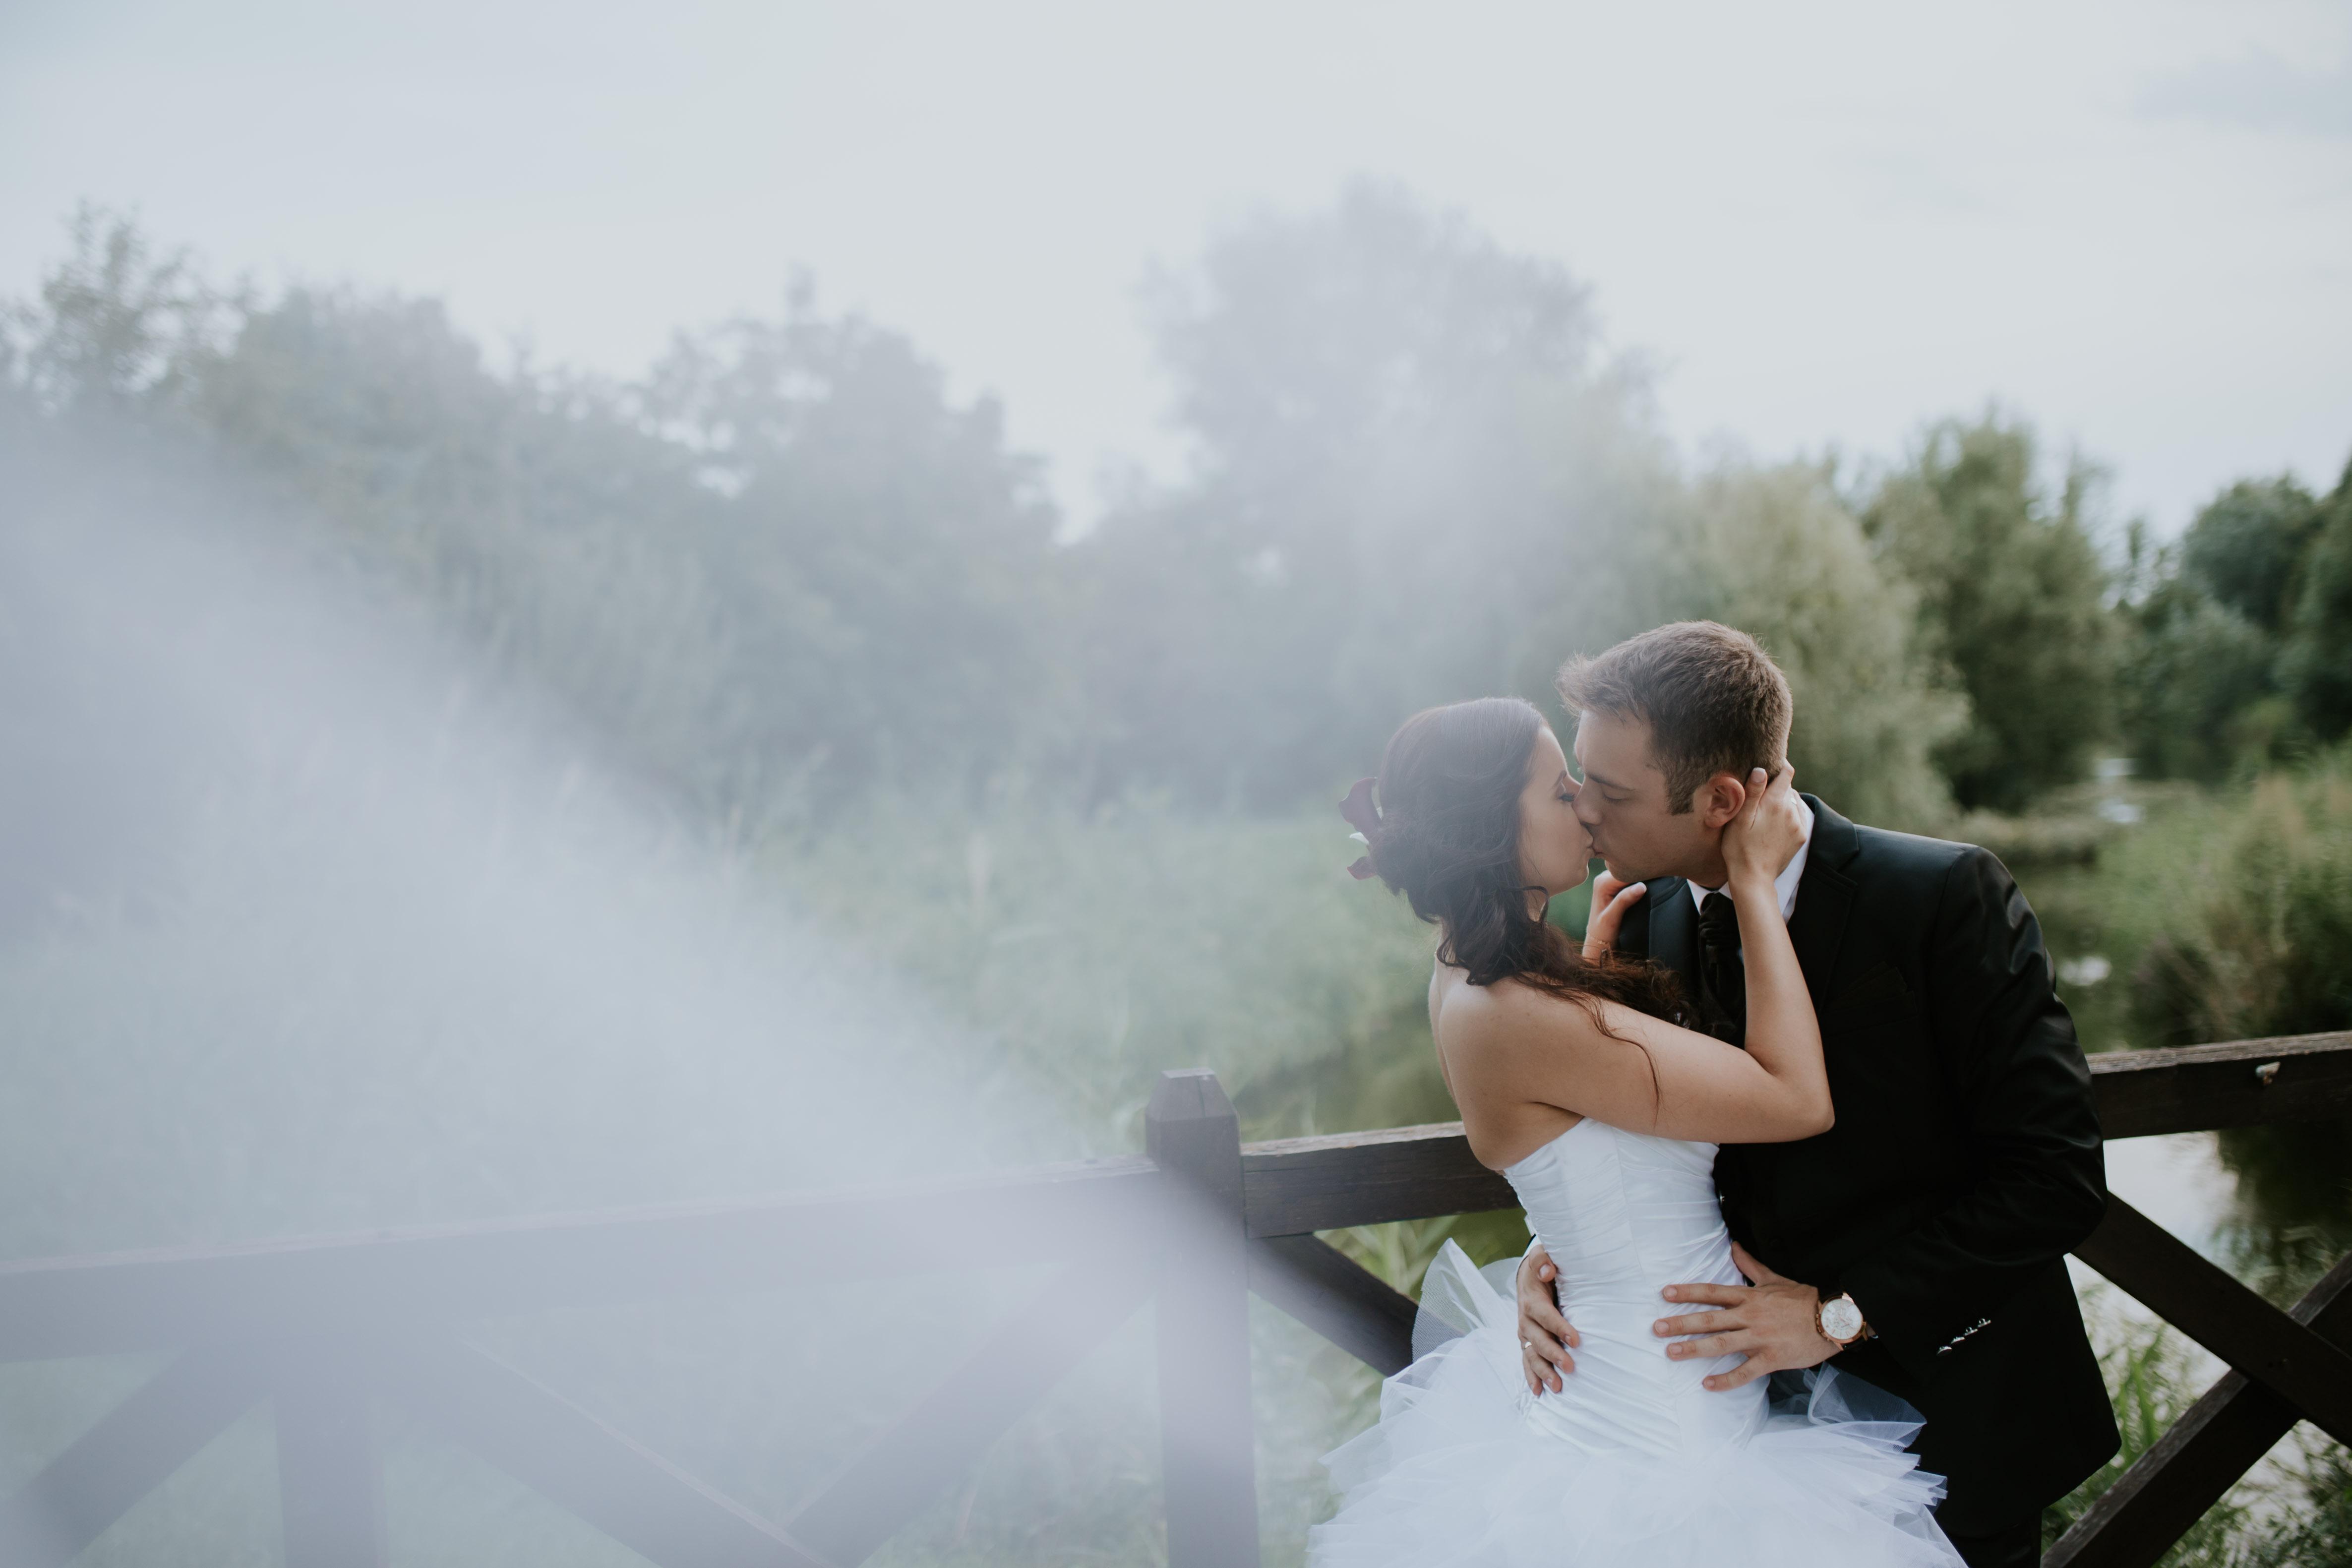 Úristen, Házasodunk! – Avagy mit, mikor, hogyan – Az esküvőszervezés lépései – 2. rész